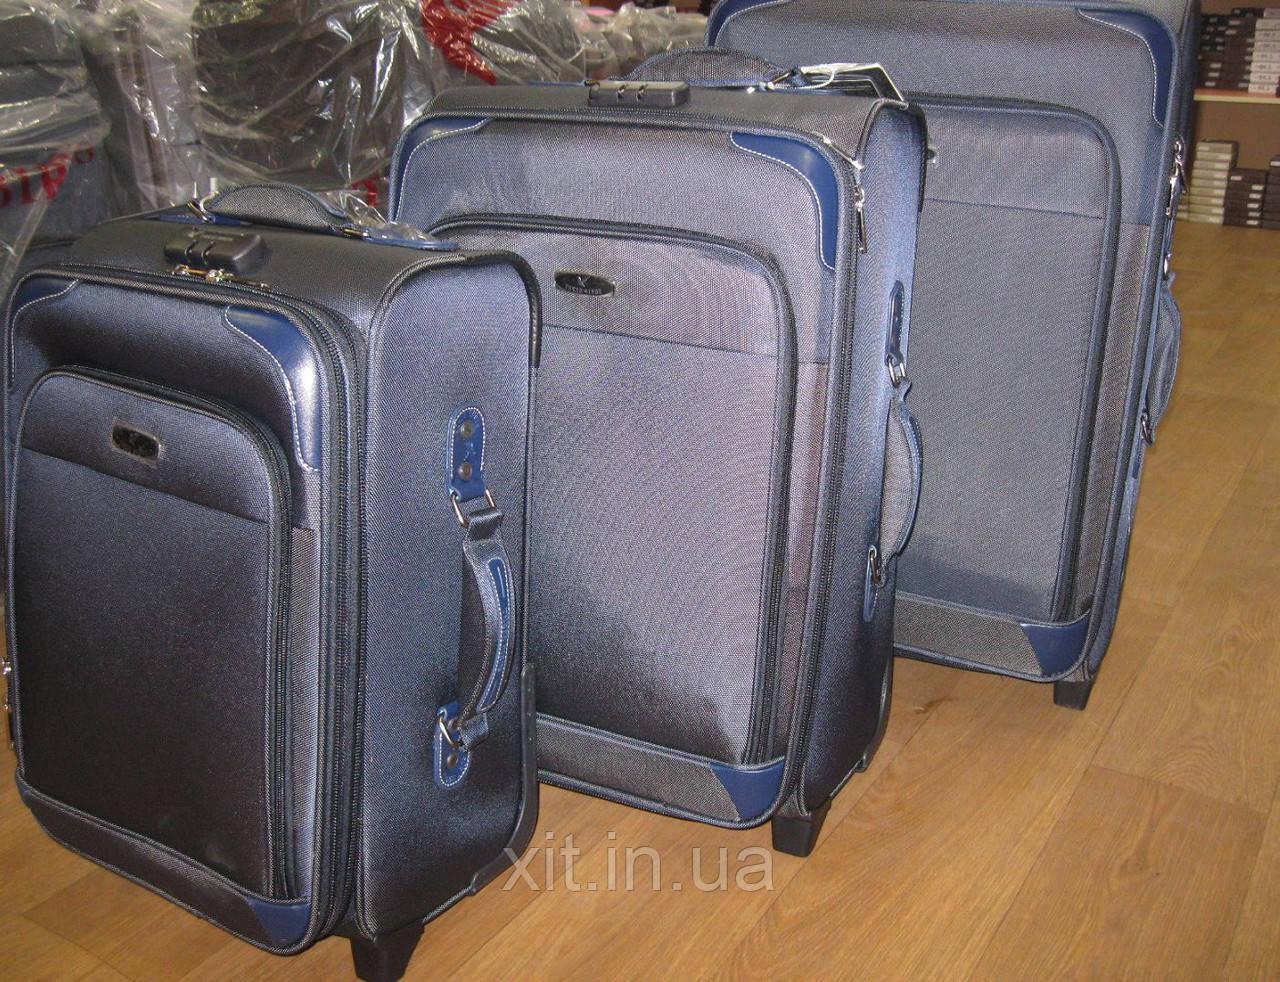 Three birds чемоданы купить форум чемоданы